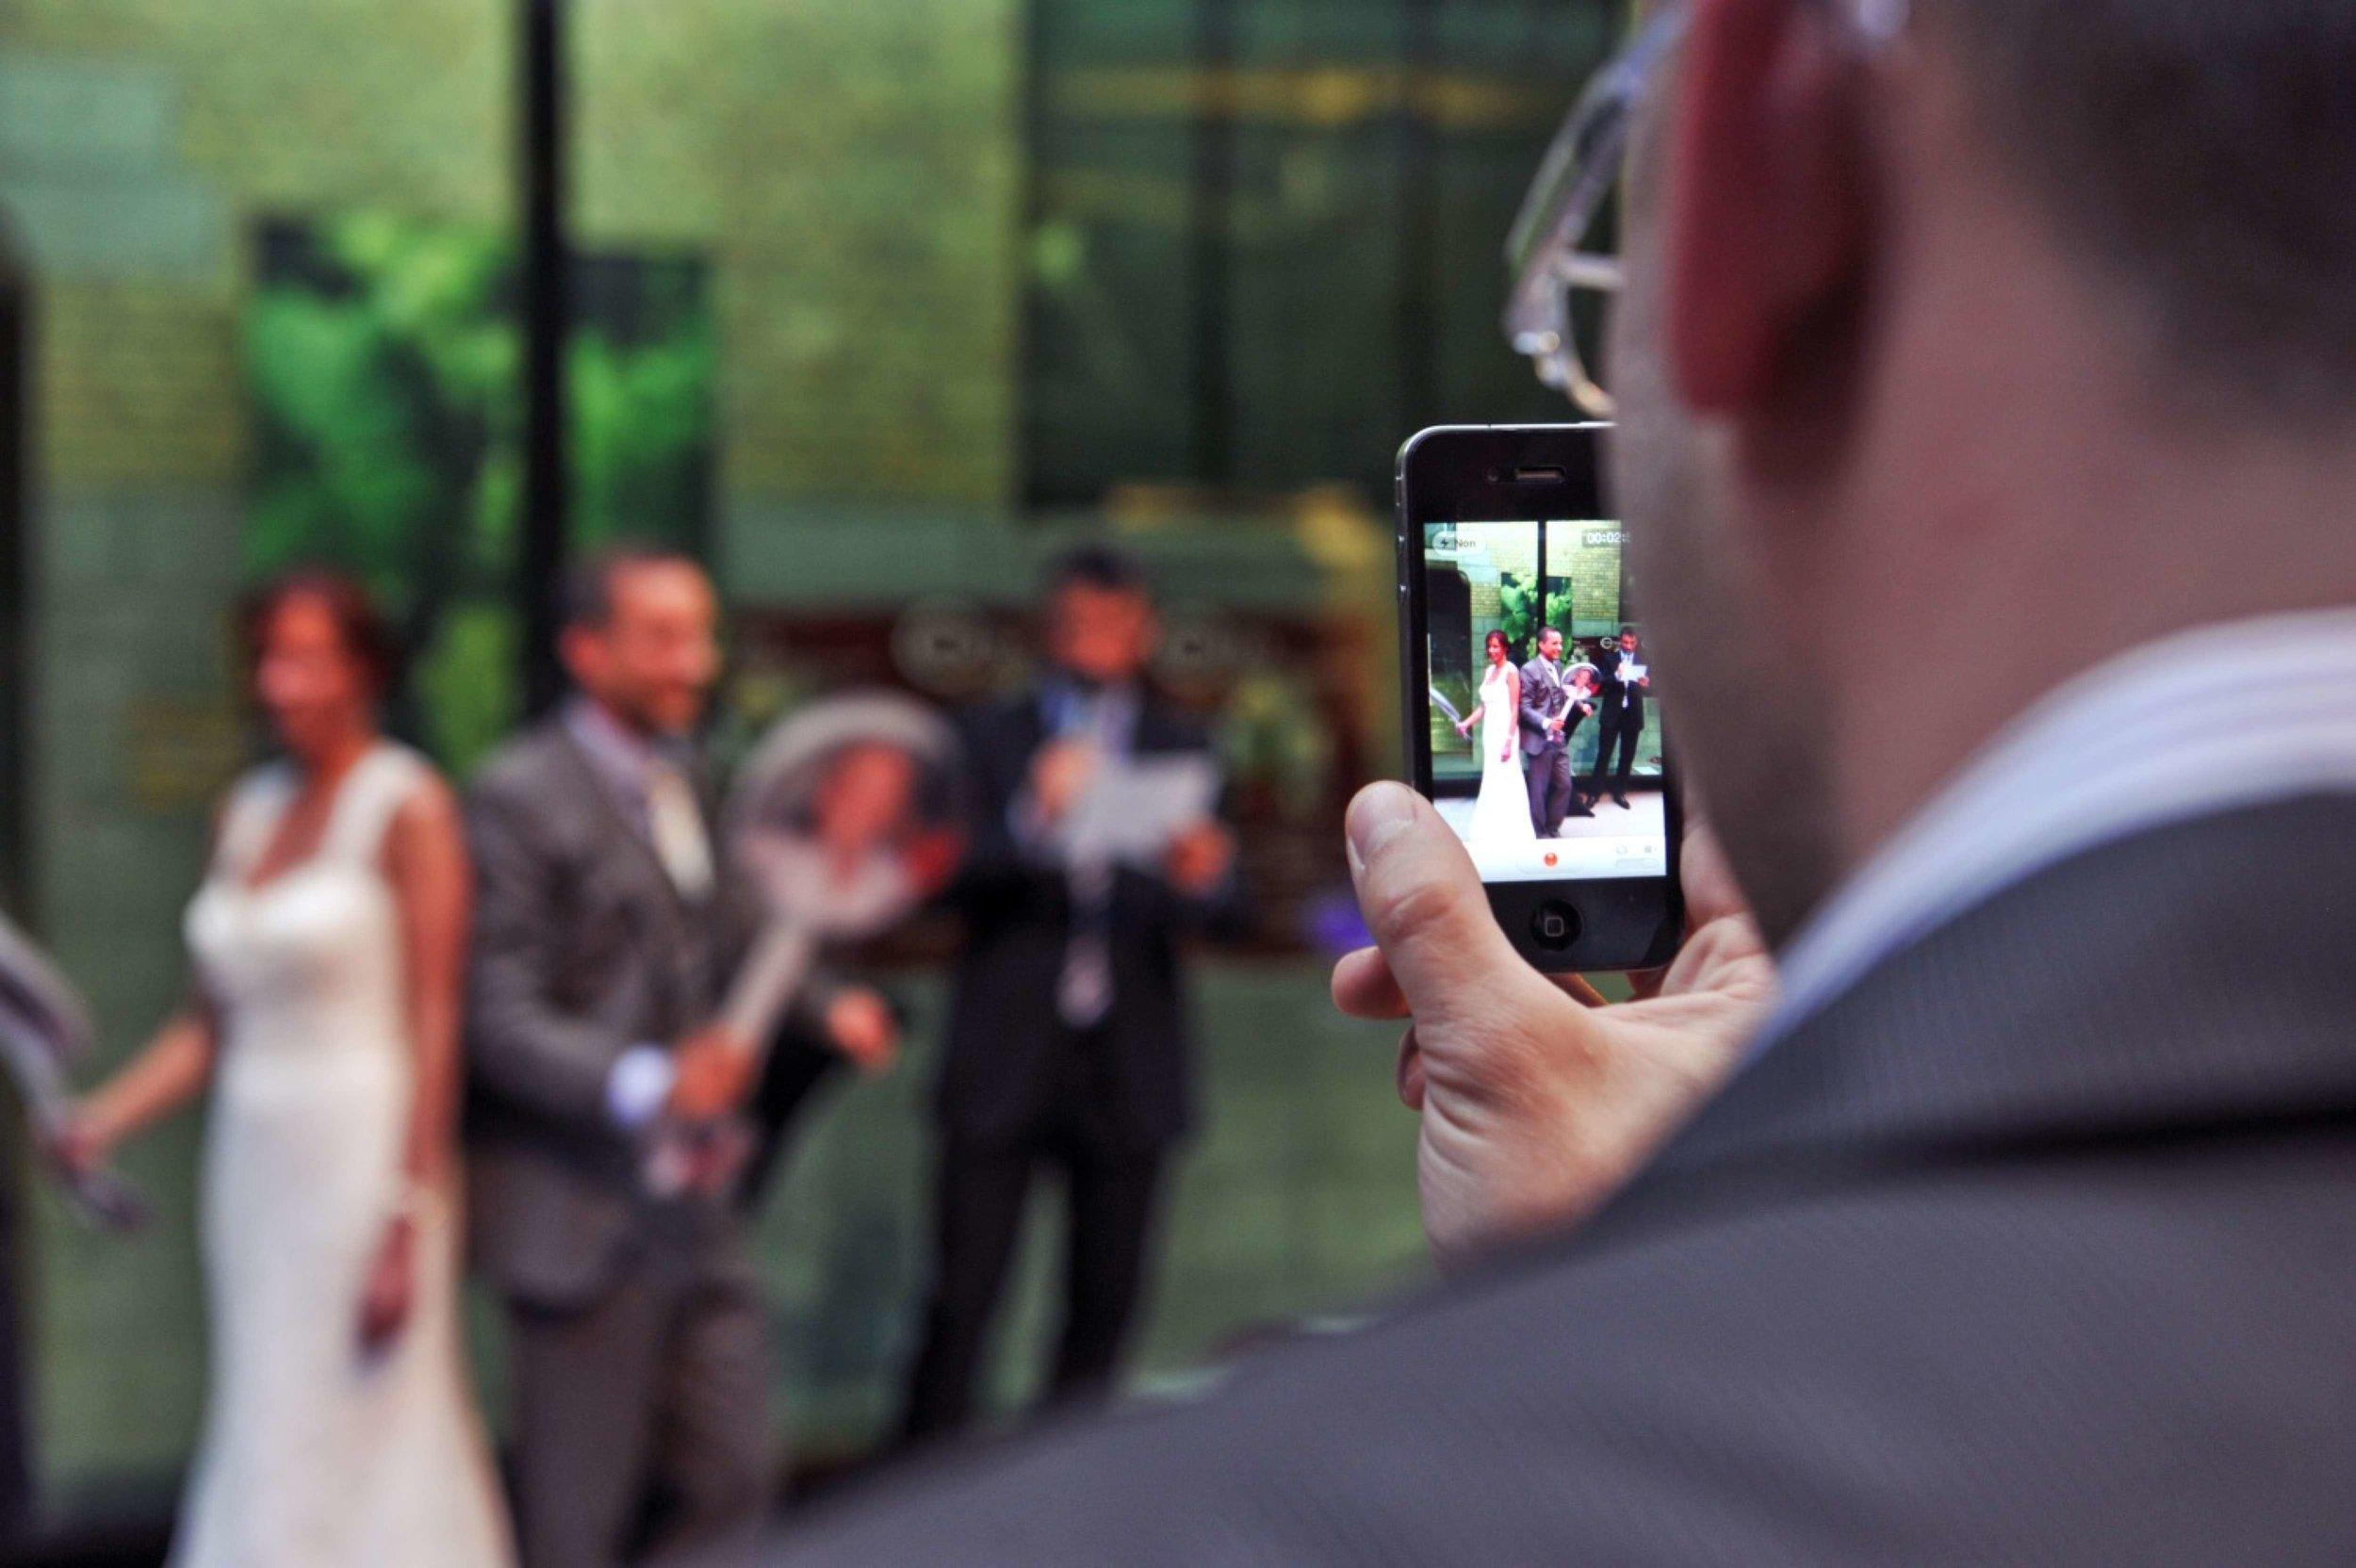 Bart Albrecht fotograaf photographer belgium belgie anbtwerpen antwerp wedding huwelijk huwelijksfotograaf trouwfotograaf trouw bruid bruidegom trouwkleed ceremonie weddingdress topphotographer topfotograaf beste best top 10 158.jpg